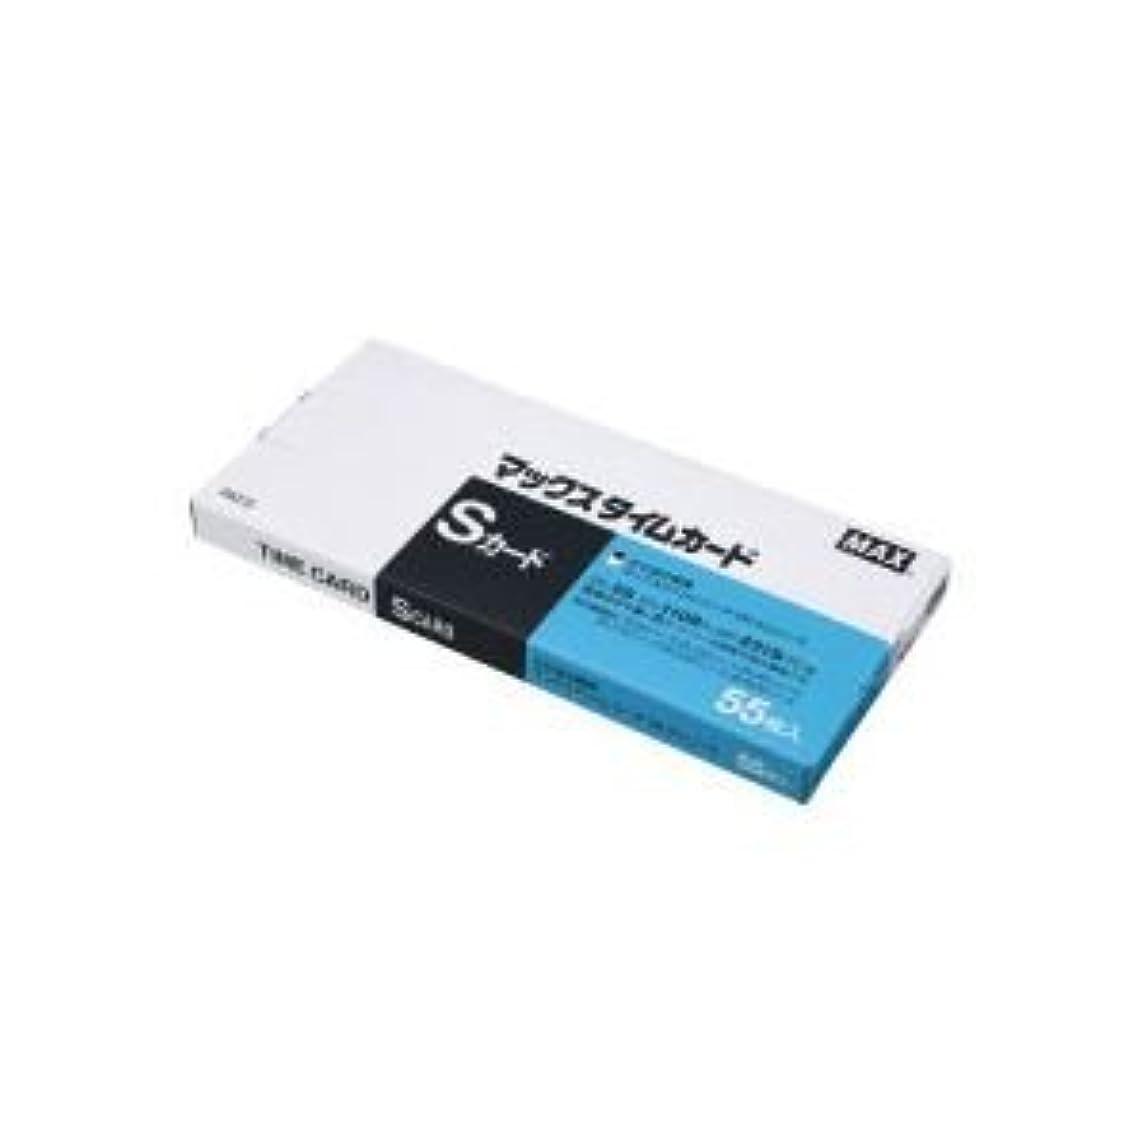 有効化ブレース行商人マックスタイムレコーダー用ER-Sカード ds-1220231